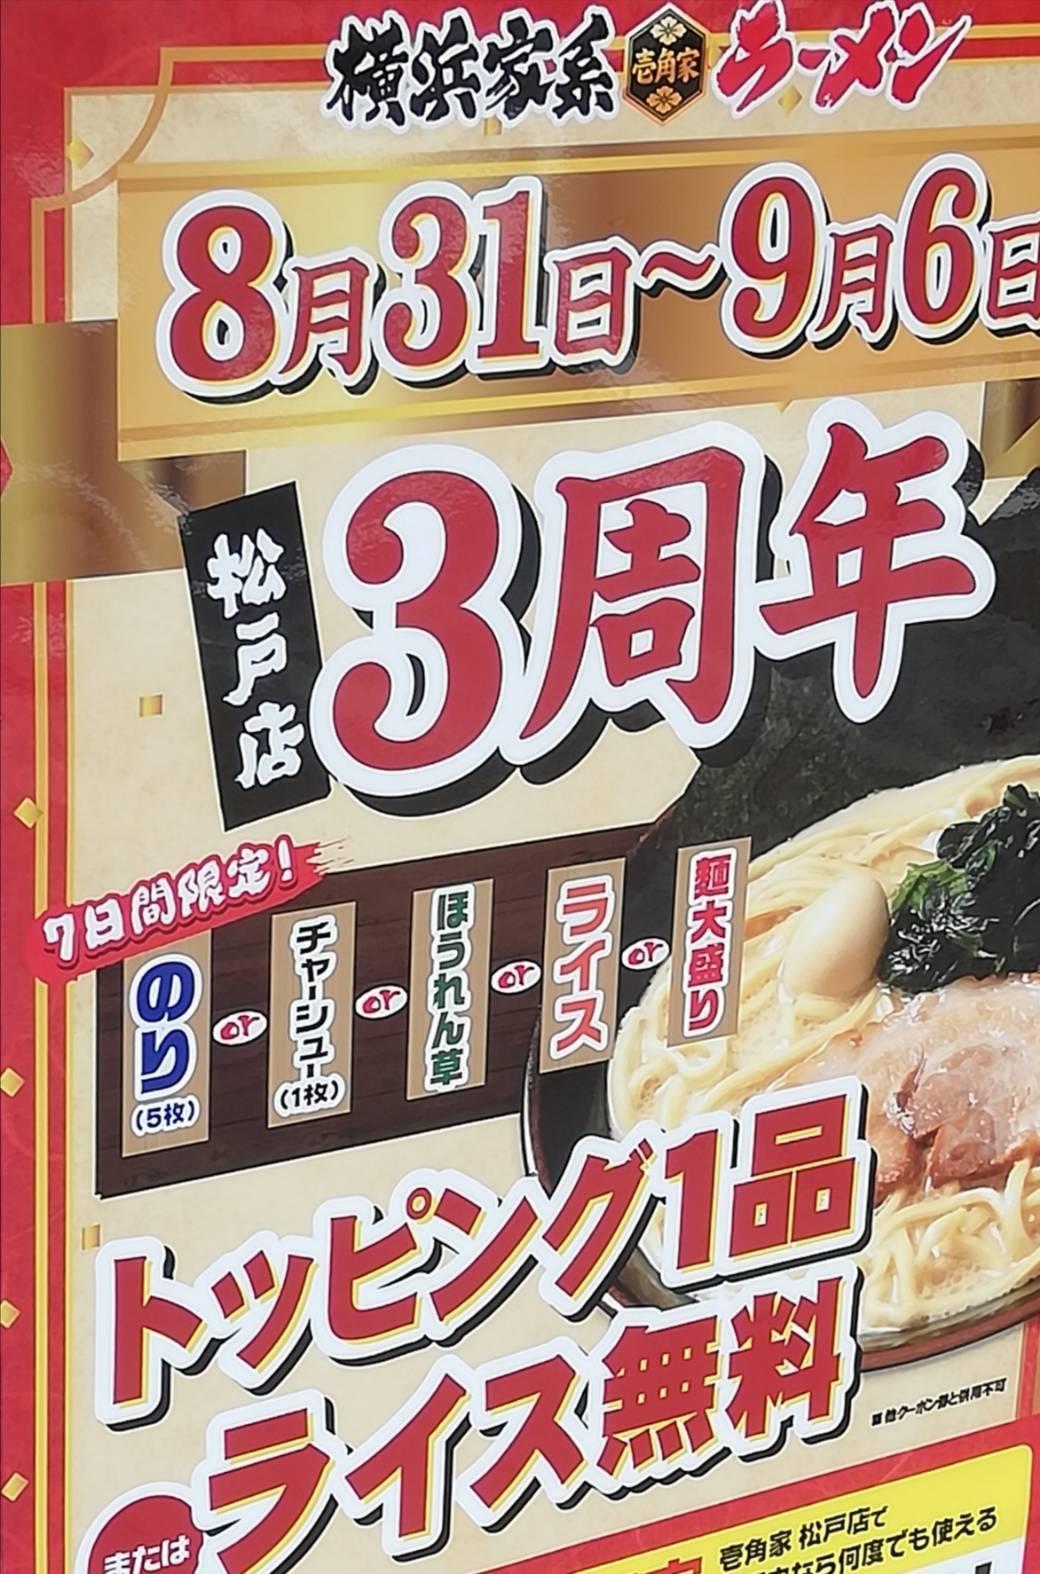 壱角家ラーメン松戸店3周年クーポン